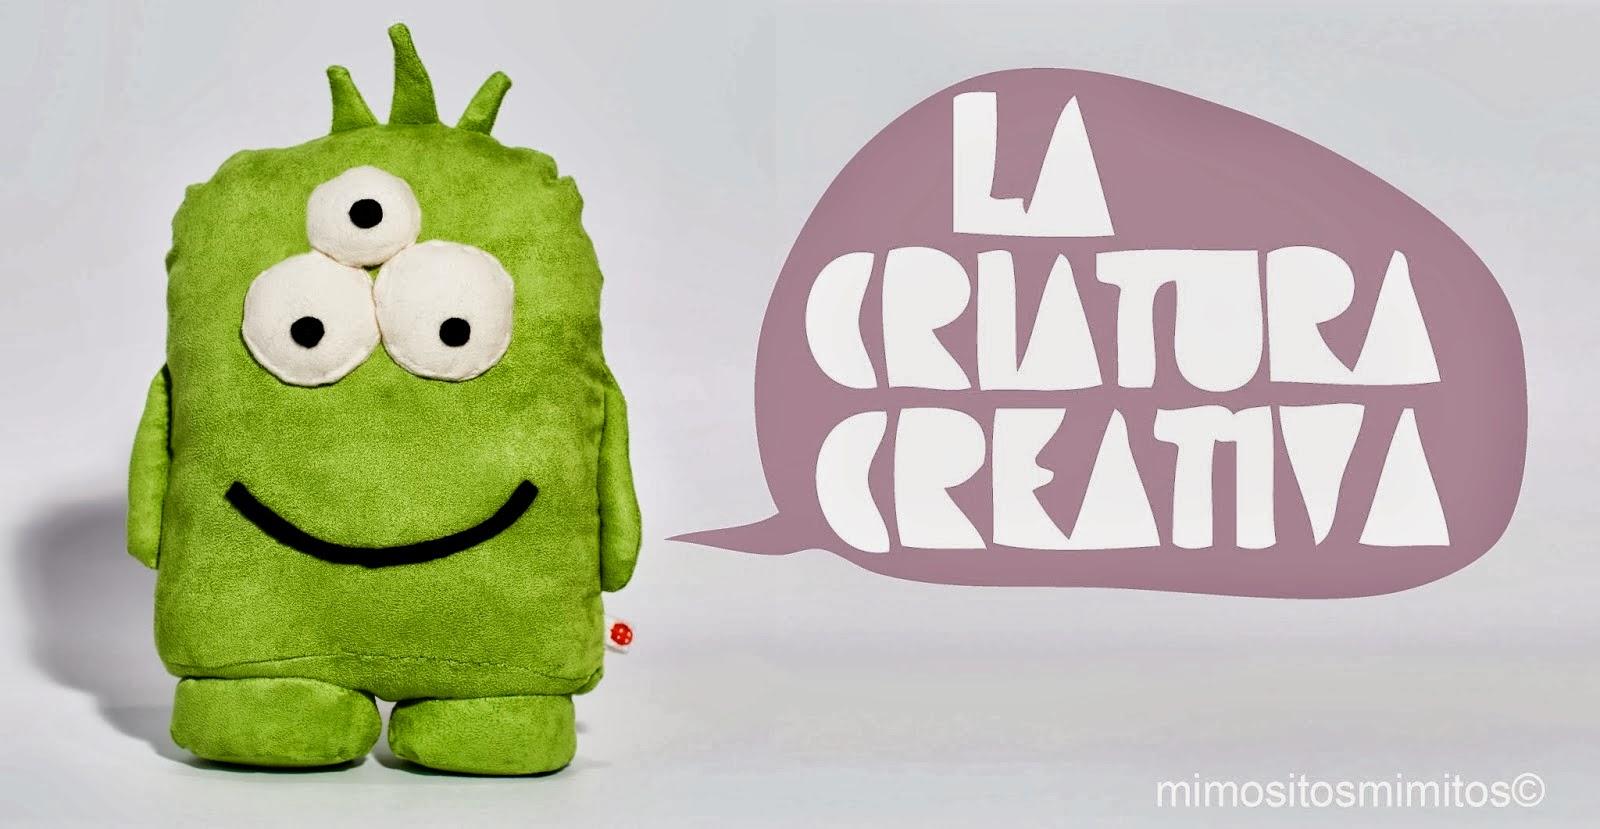 La Criatura creativa muñeco personalizado de tela hecho a mano handmade